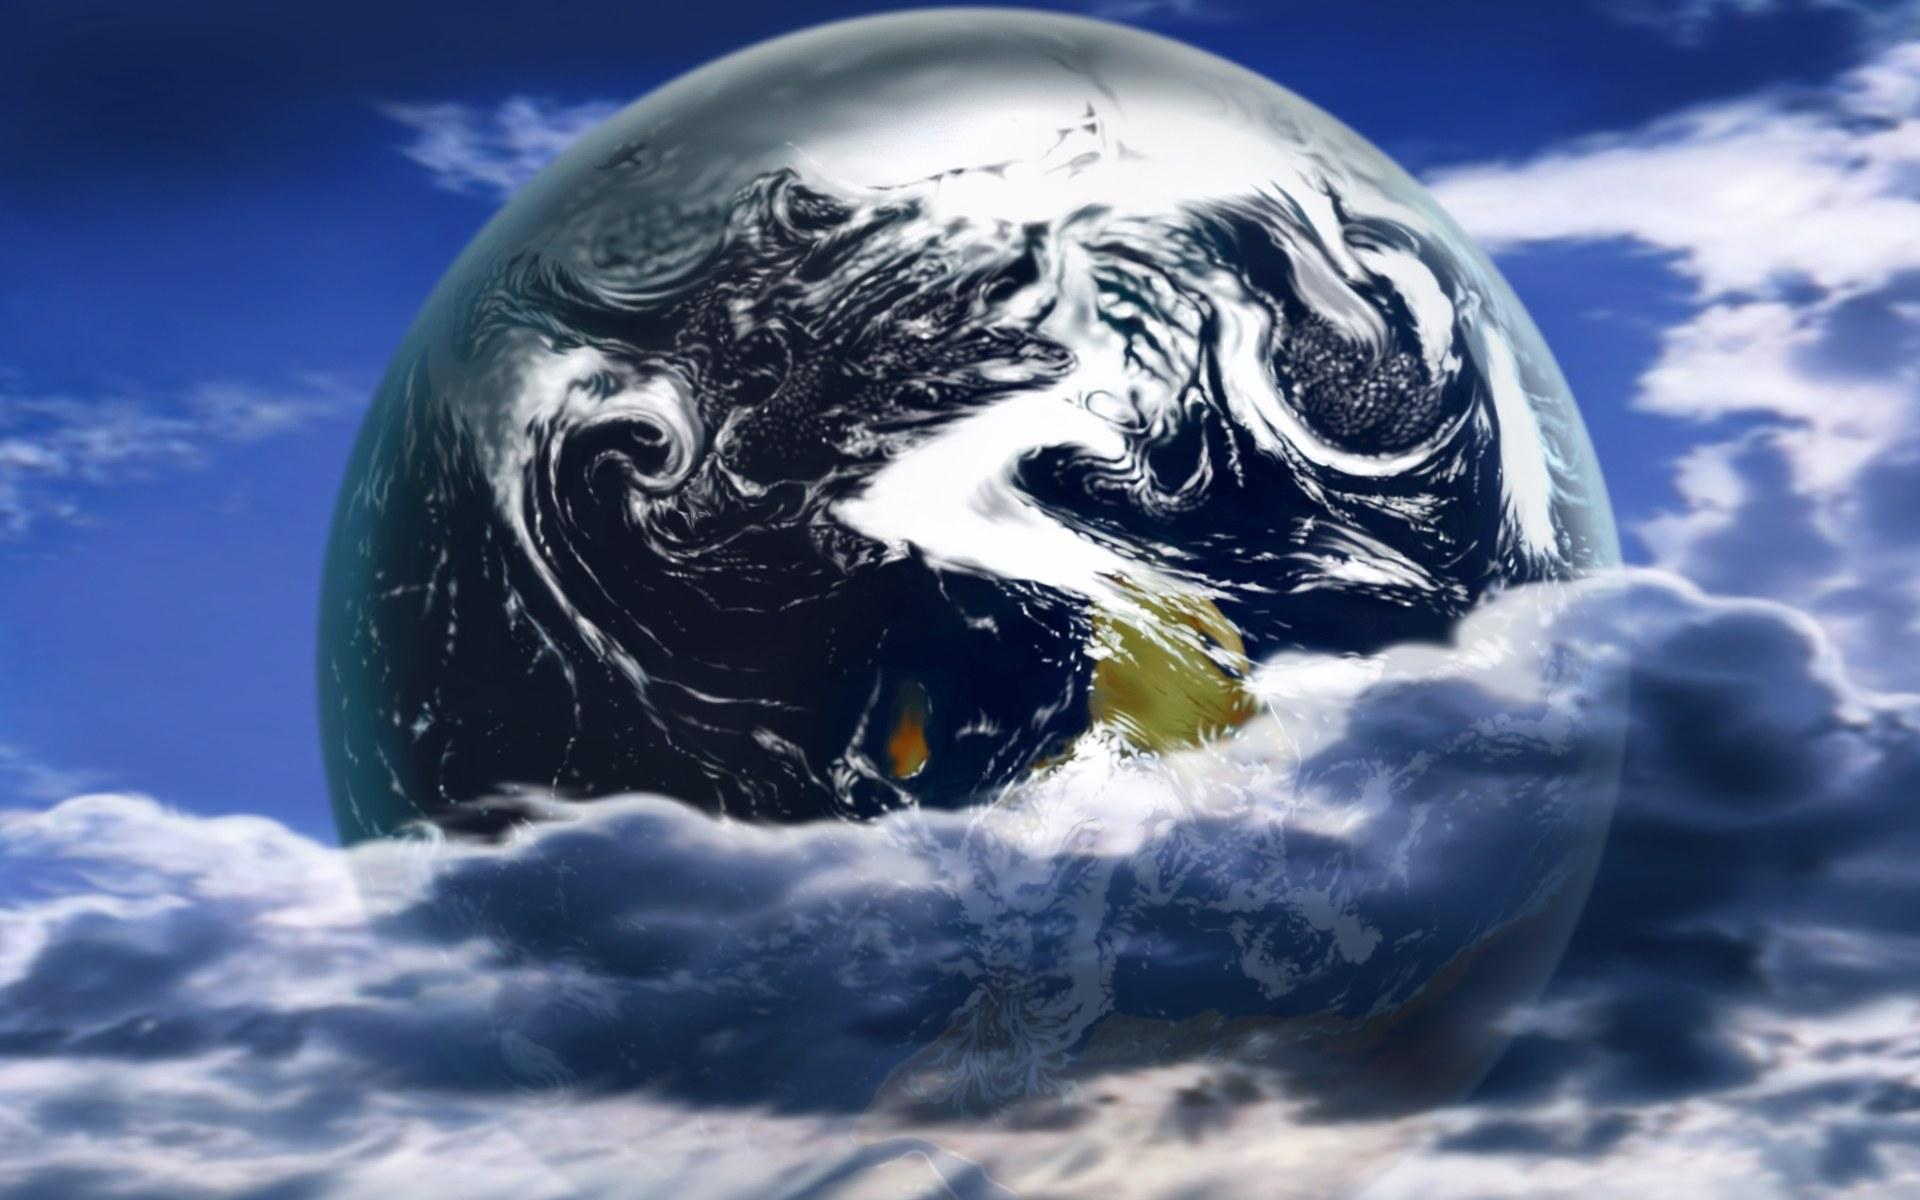 敦实的陆地、像彩笔画过般的云流,在深黑色宇宙帷幕的映衬下,一颗